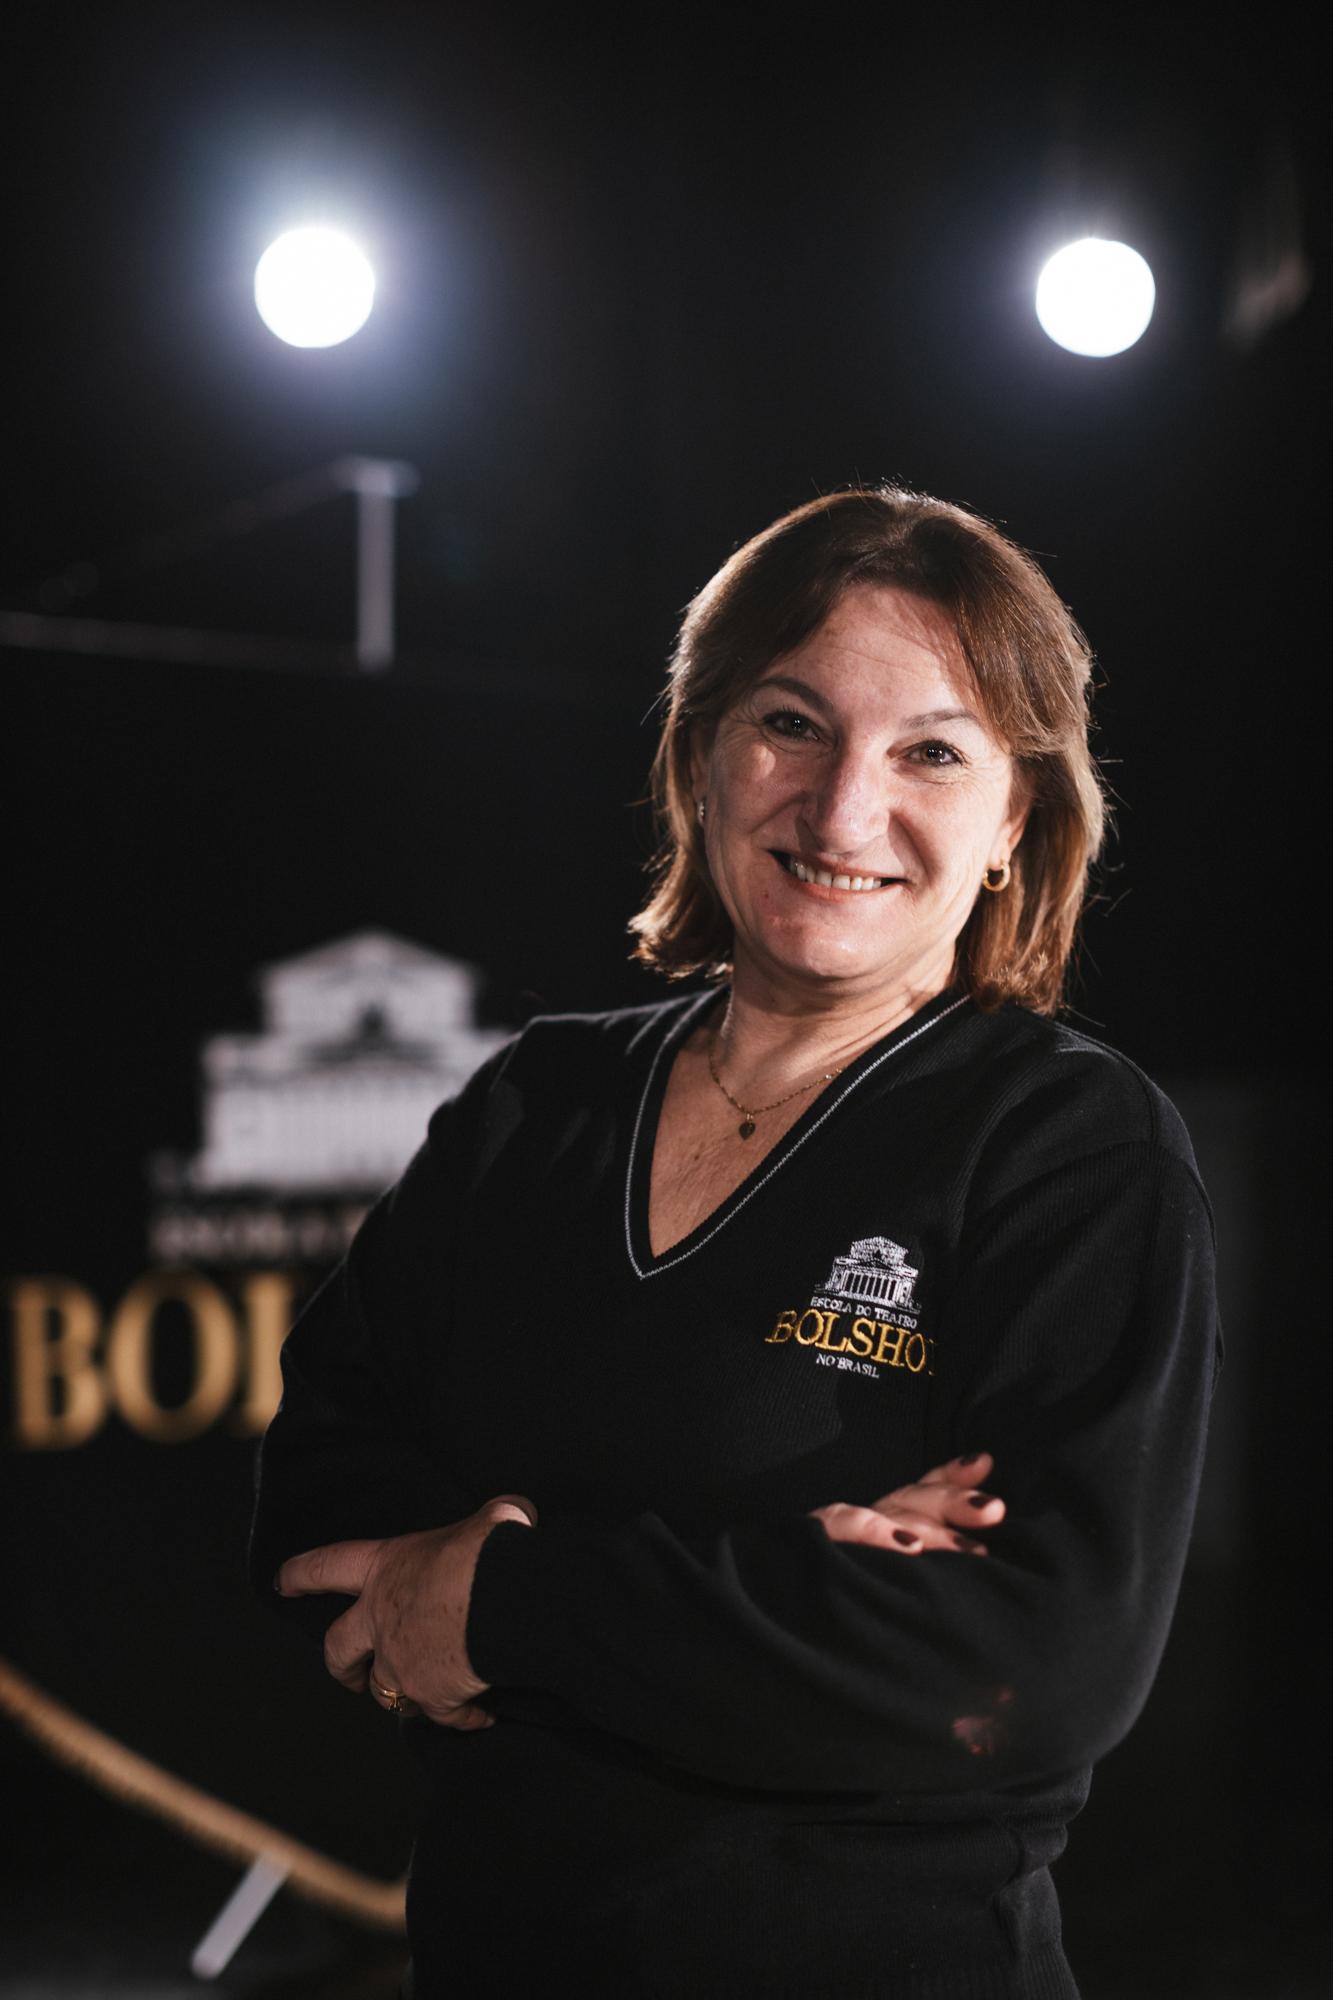 Conheça a Luzete, Analista Financeiro da Escola Bolshoi